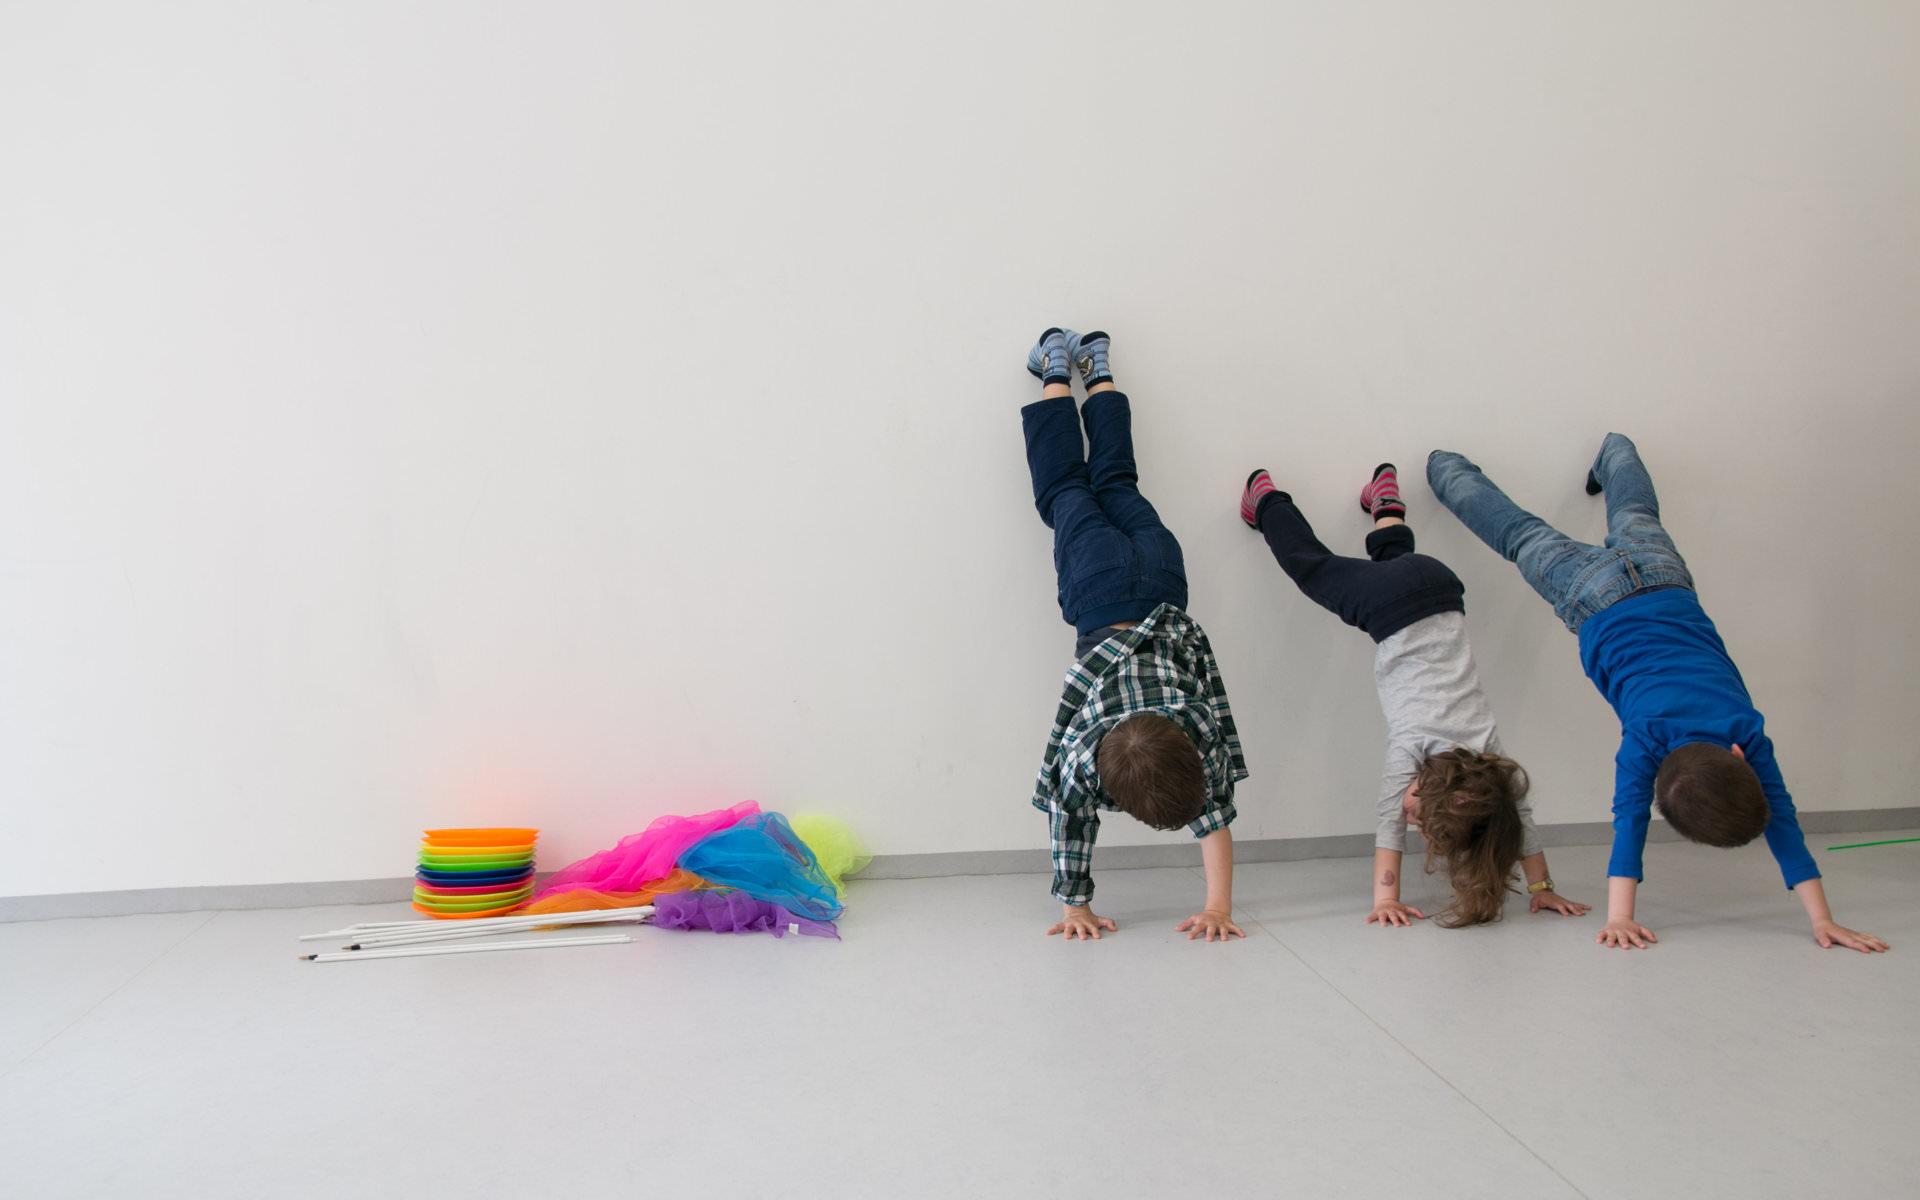 Corsi di circo motricità per bambini dai 3 ai 5 anni